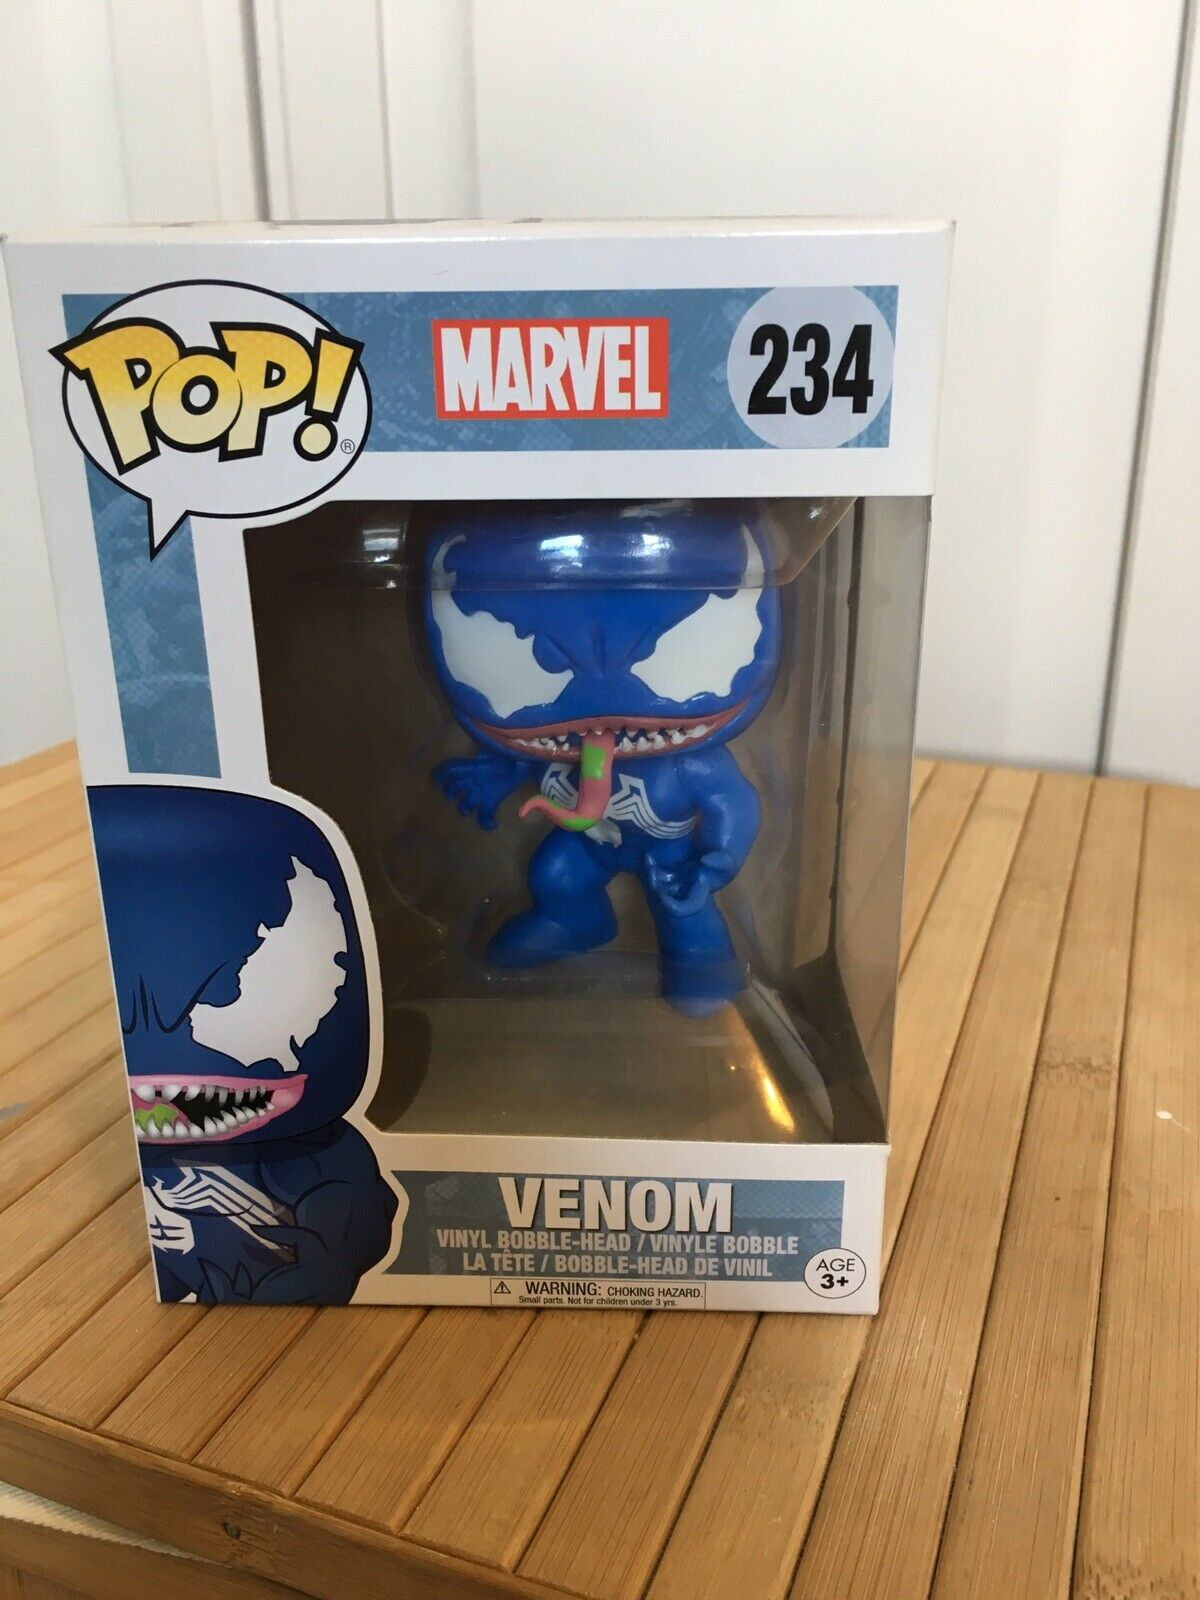 Blau Venom Hot Topic Exclusive Funko Pop  234 Marvel